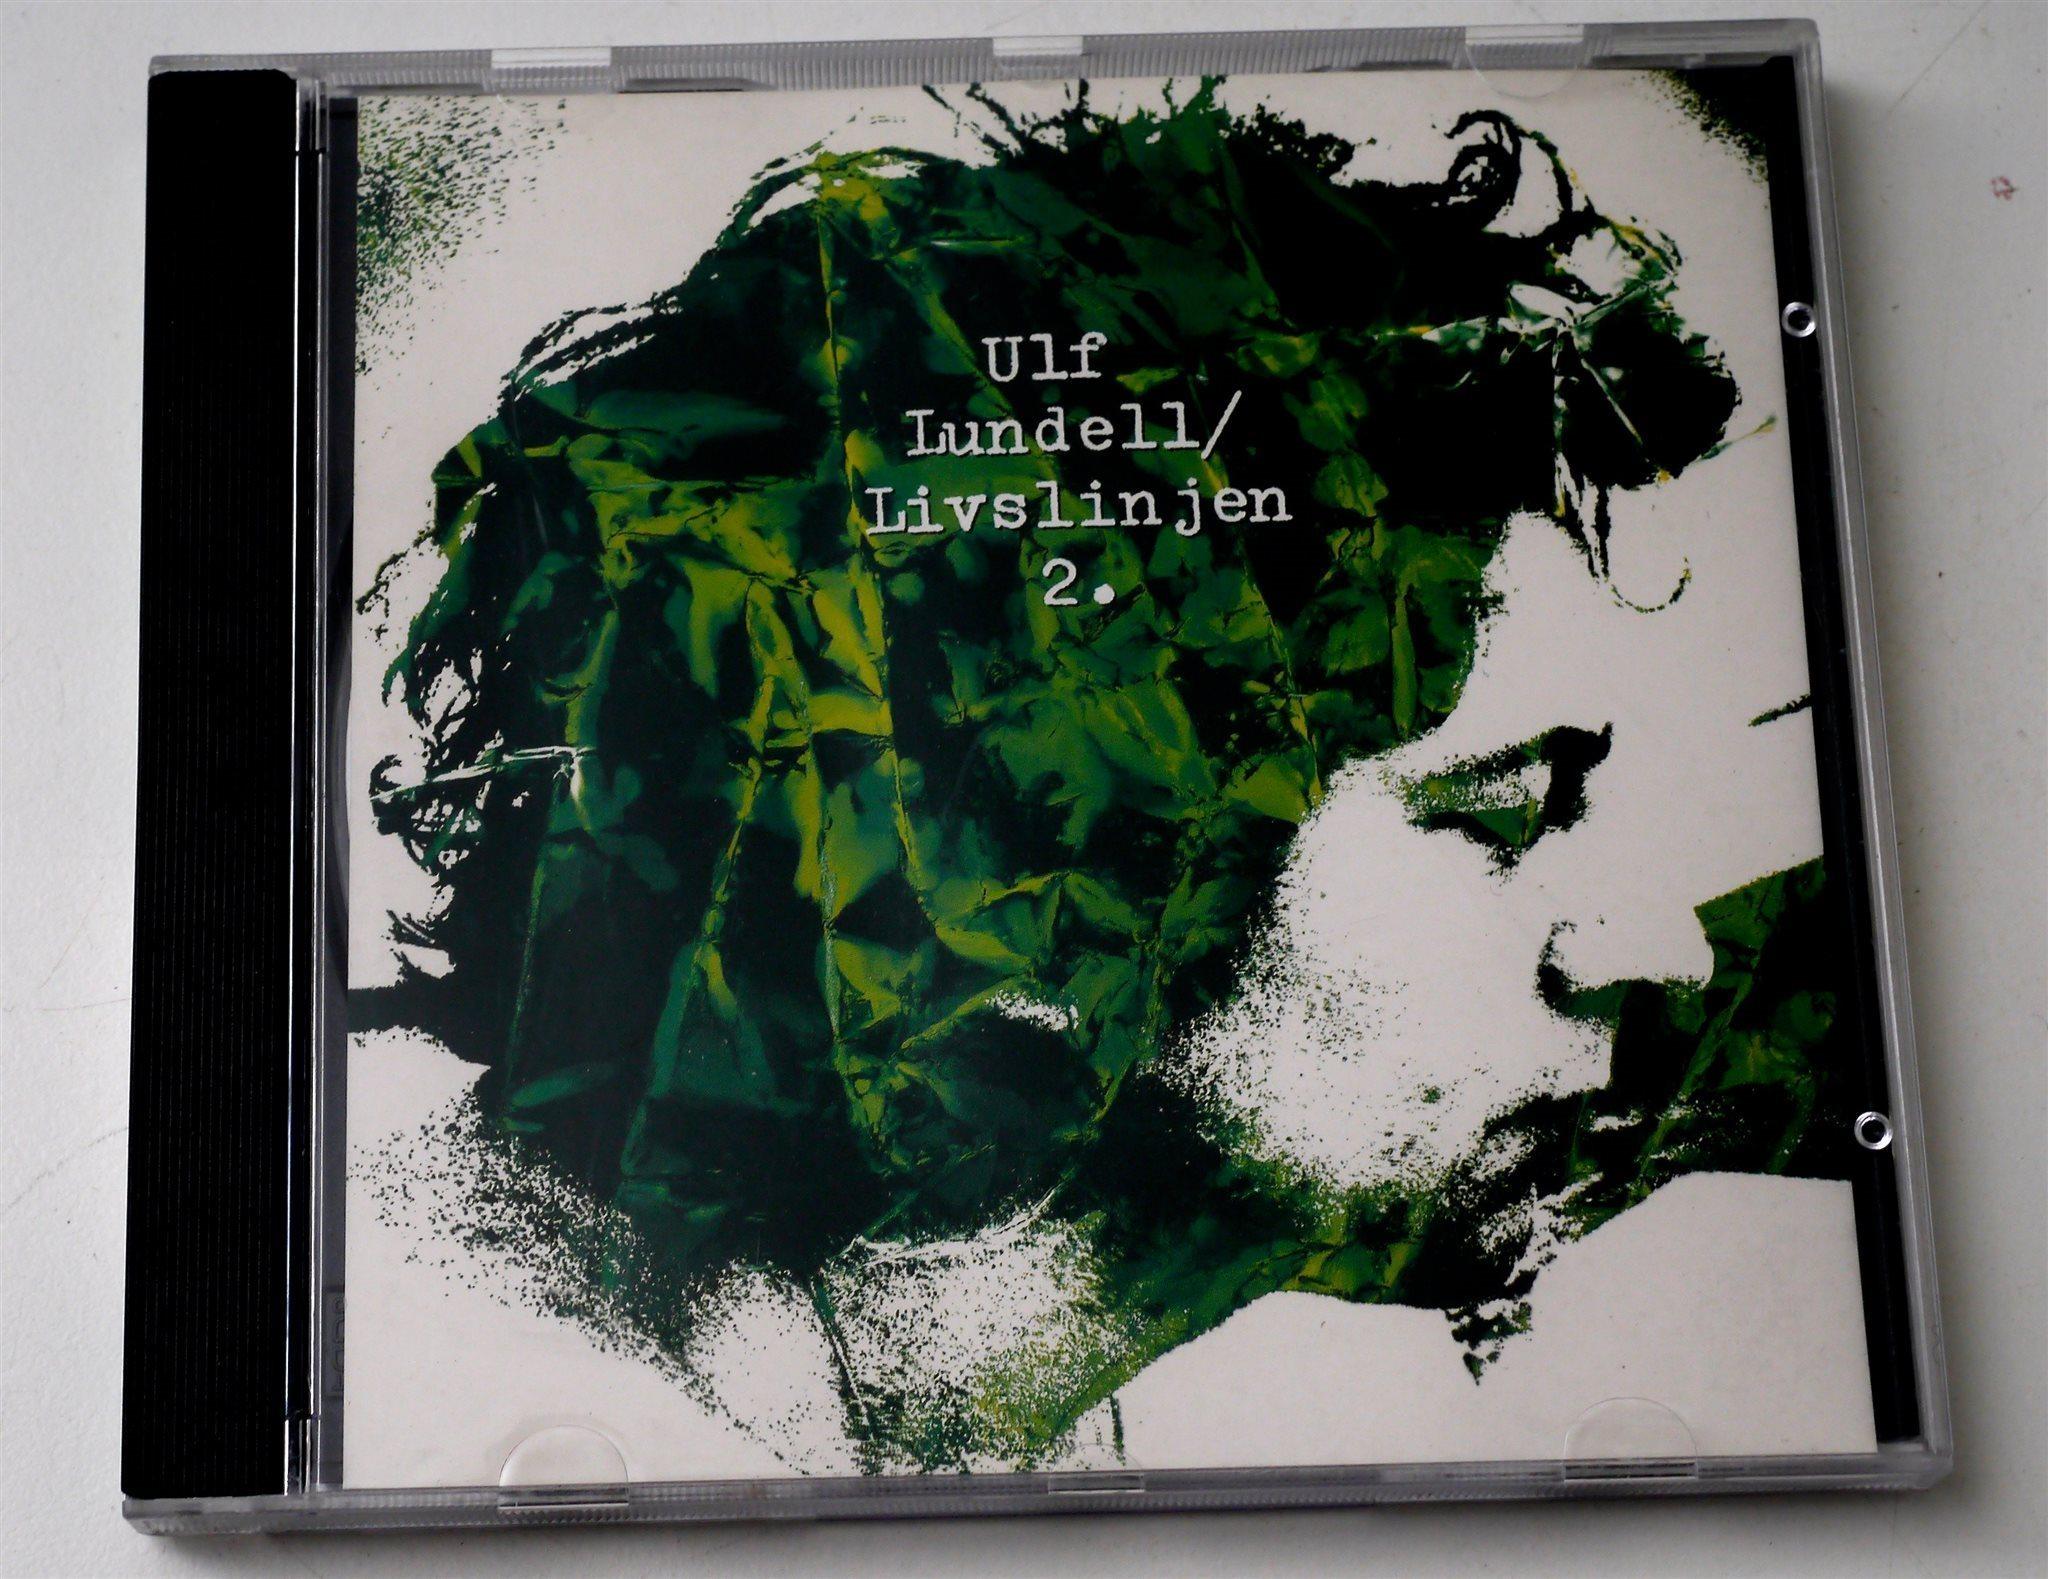 Ulf Lundell   Livslinjen 2 CD (328901868) ᐈ Köp på Tradera fe2c86add9374